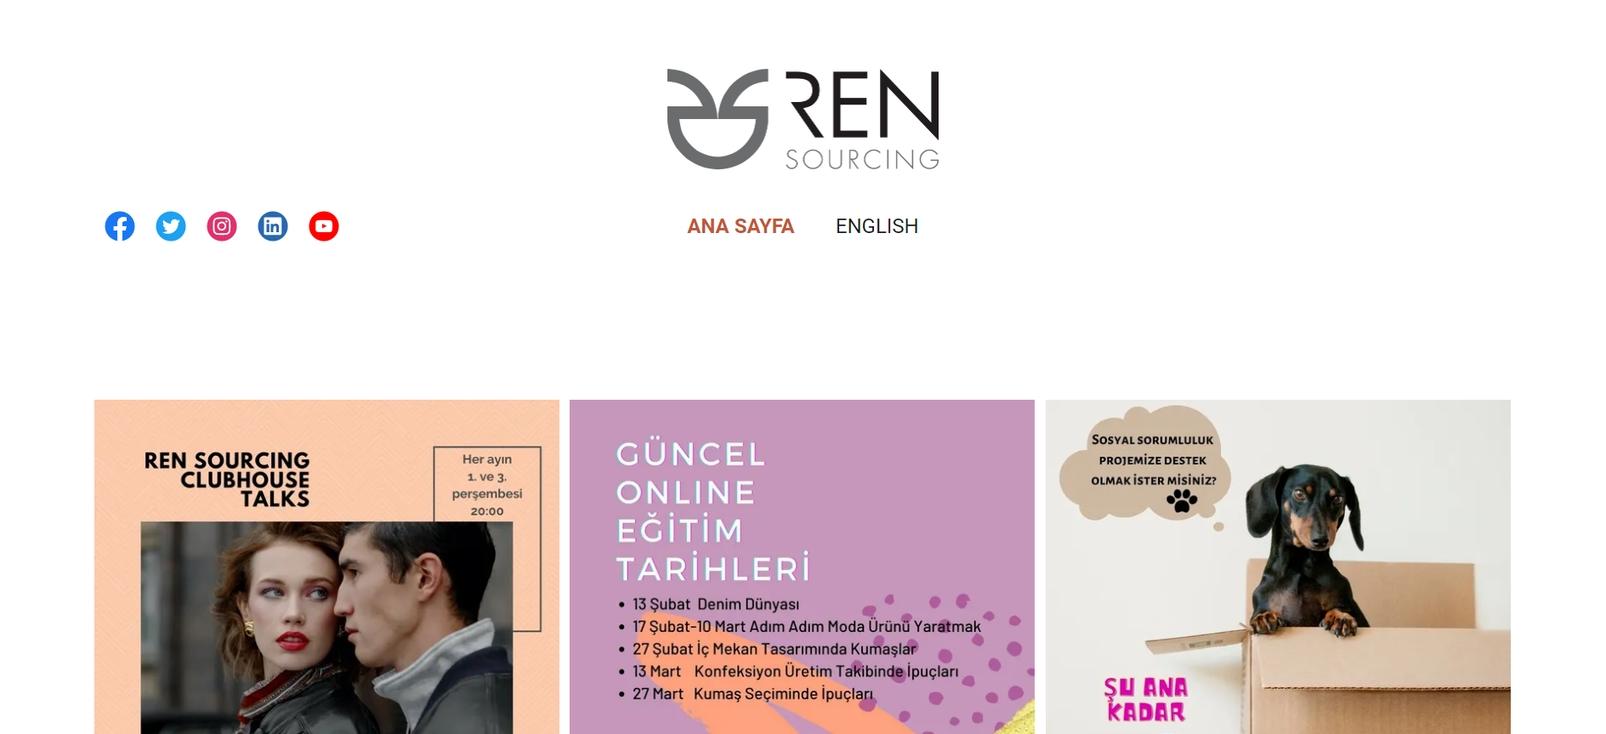 tekstil danışmanlık rensourcing.com anasayfa